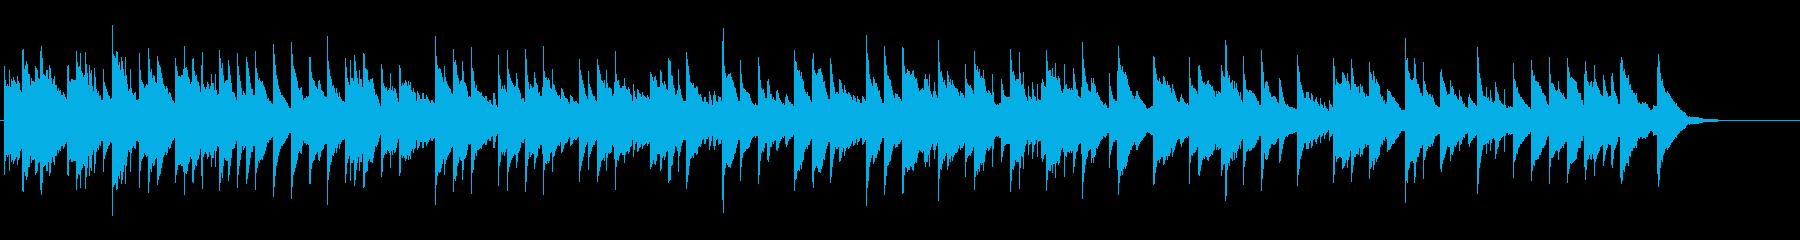 昔のヨーロッパの悲しげなハープ曲の再生済みの波形